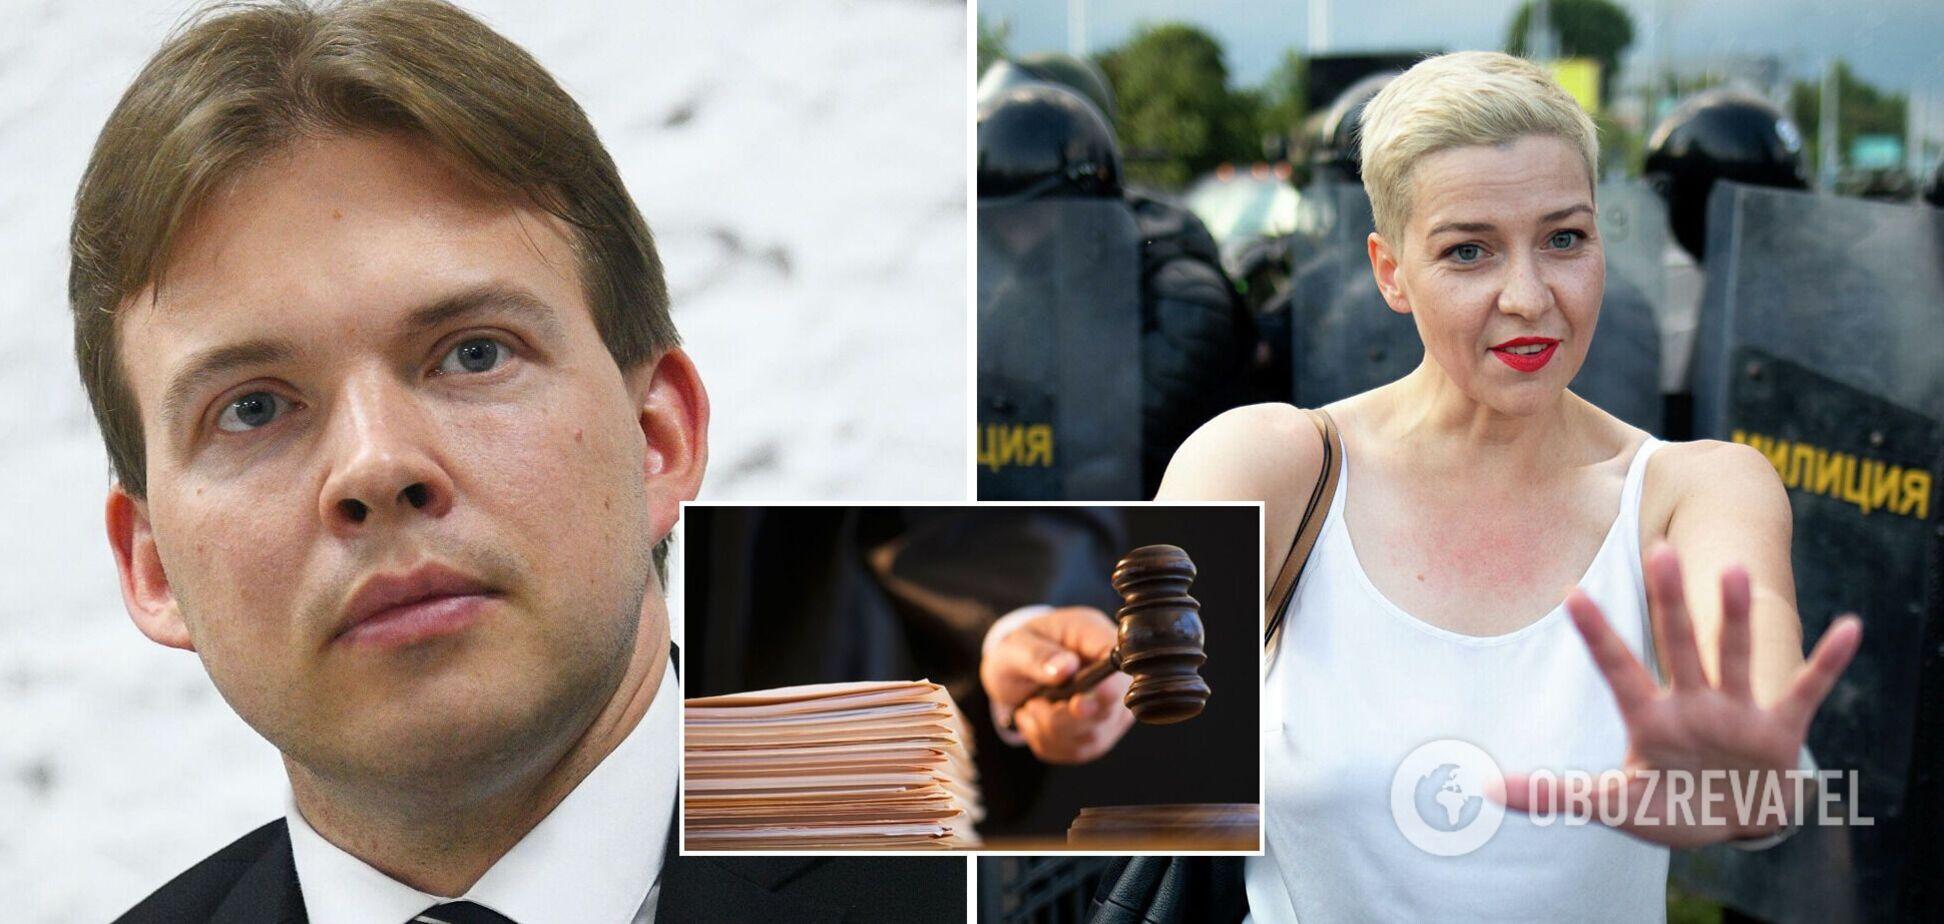 У Білорусі винесли жорсткий вирок двом опозиціонерам: суд проходив у закритому режимі